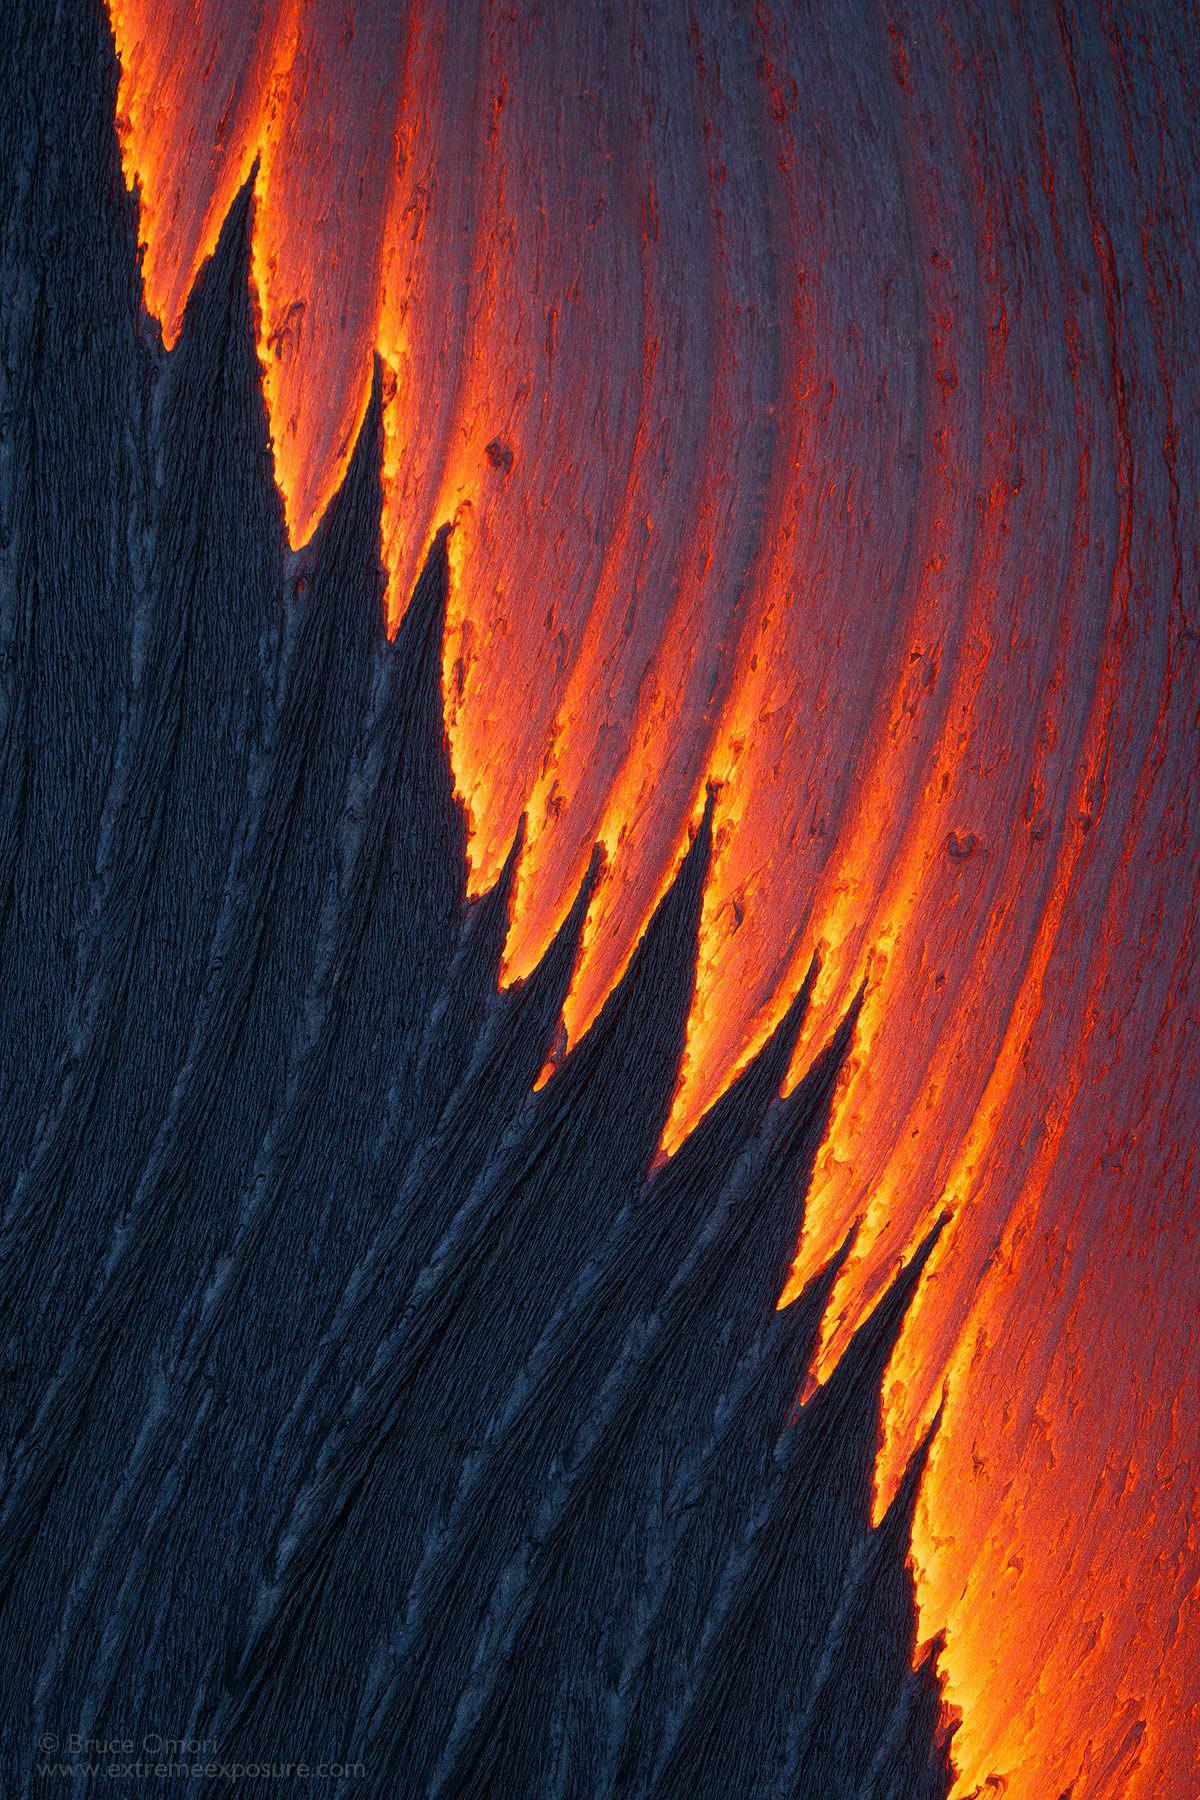 Удивительные снимки лавы, которые опасны для жизни